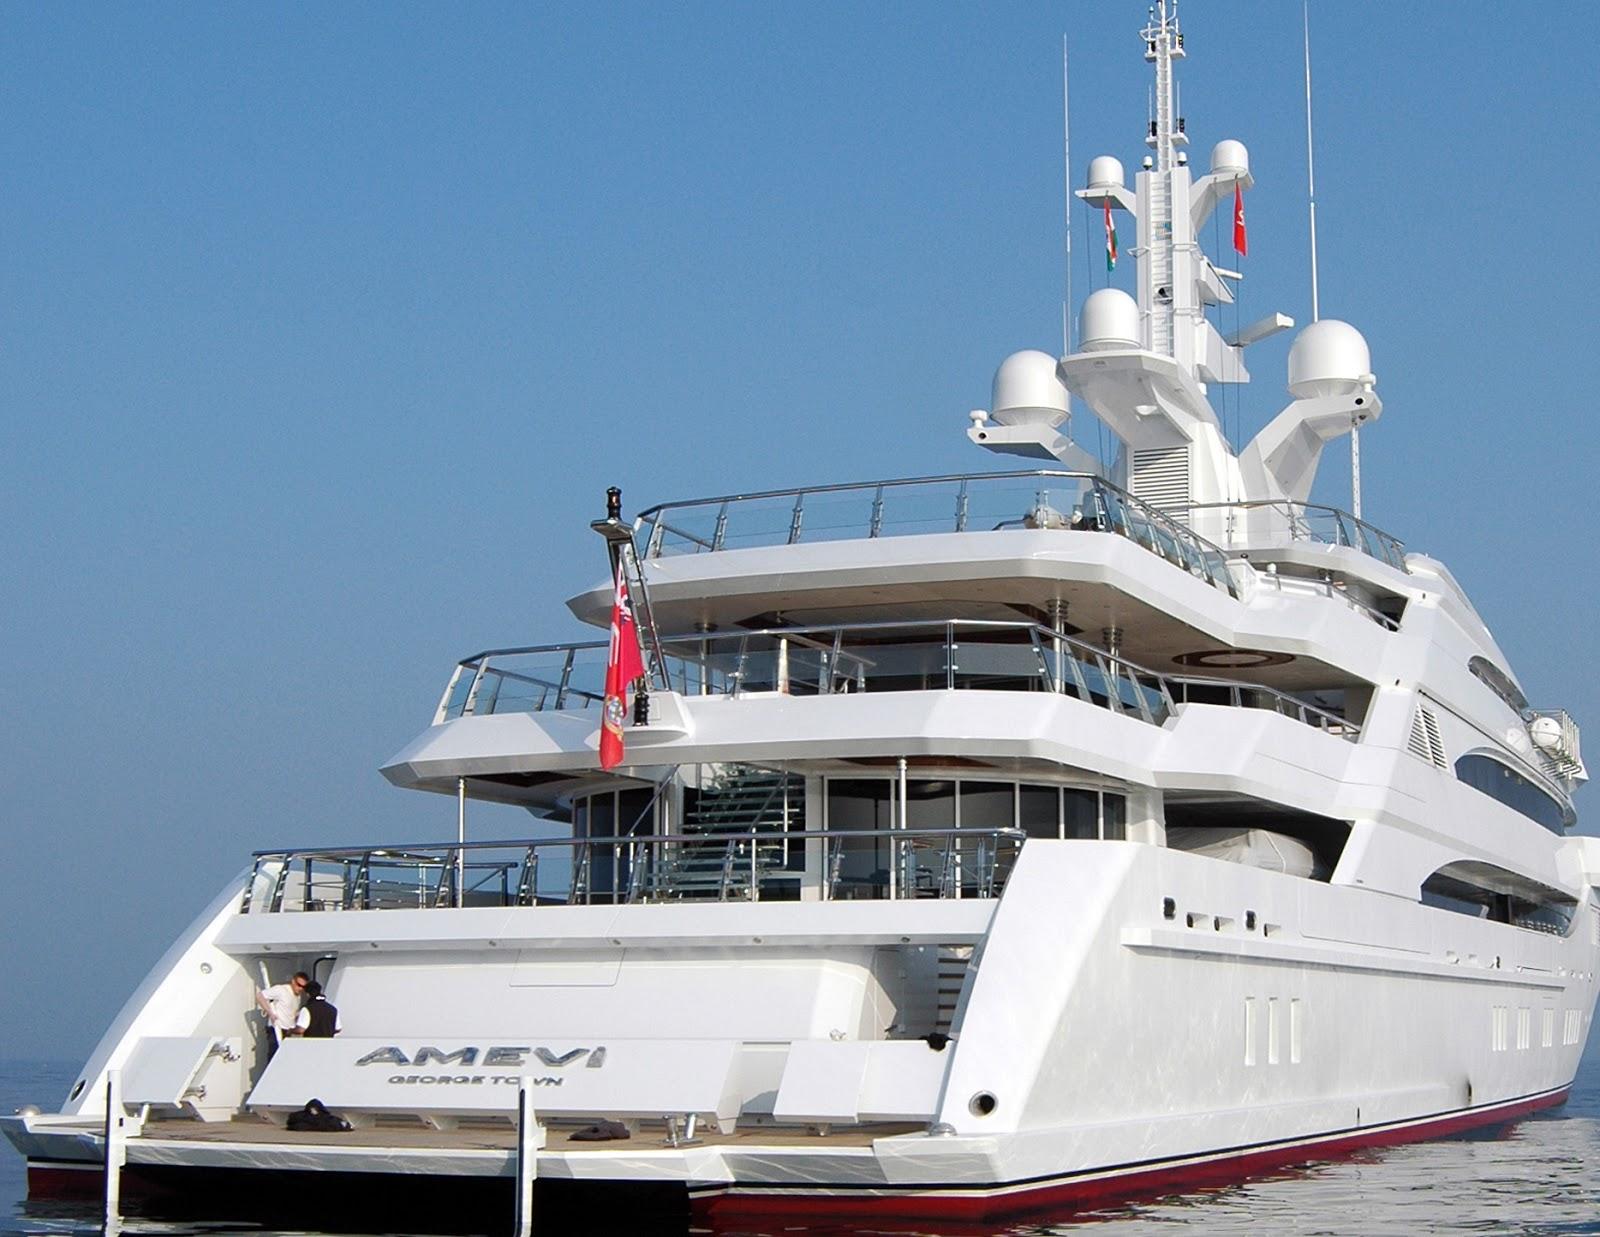 Megayacht AMEVI